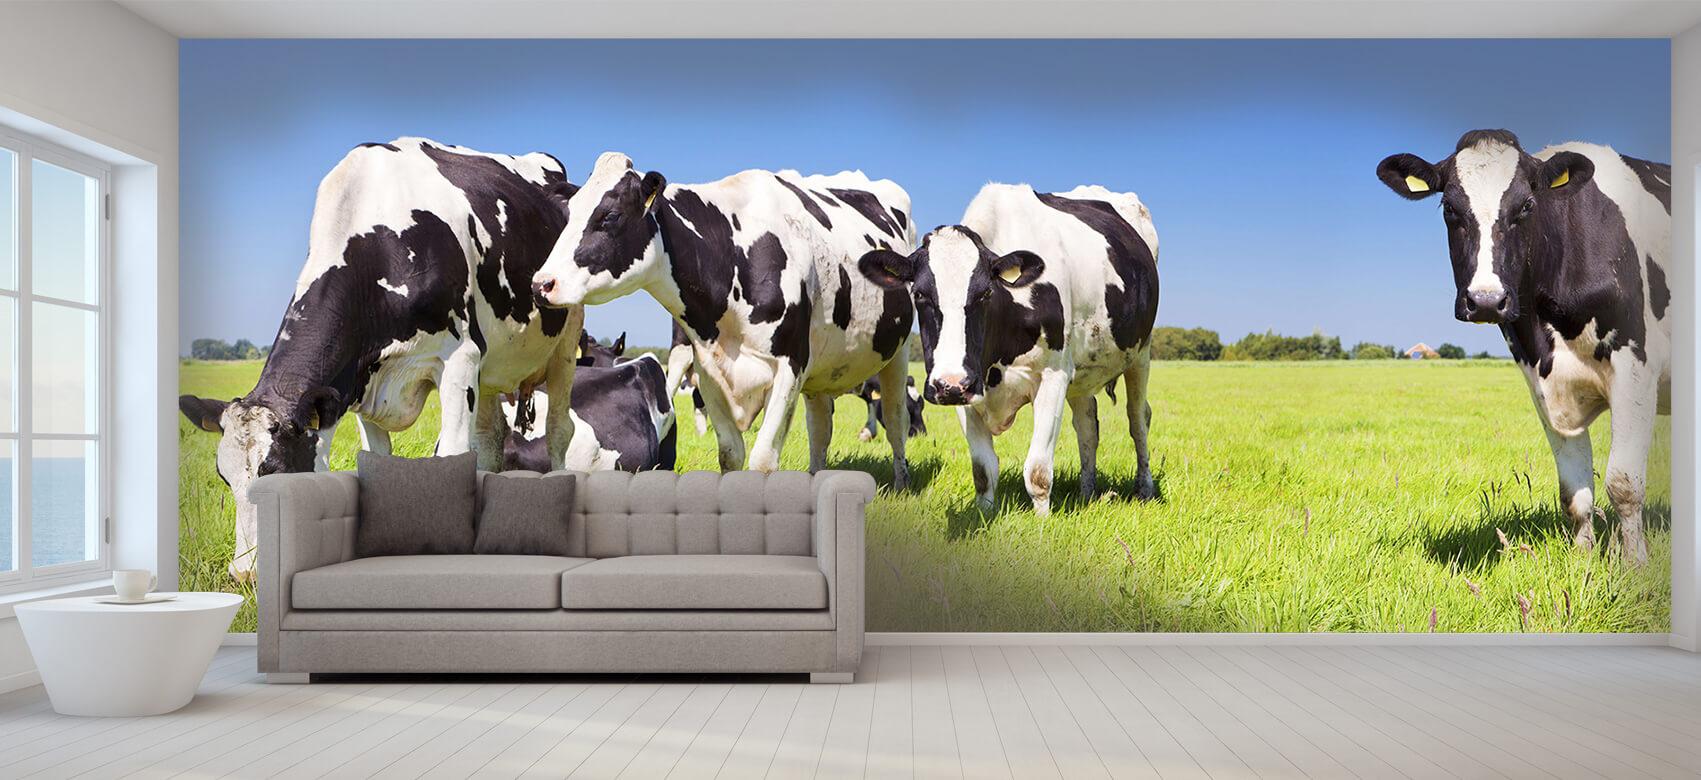 Dieren Fotobehang koeien 8